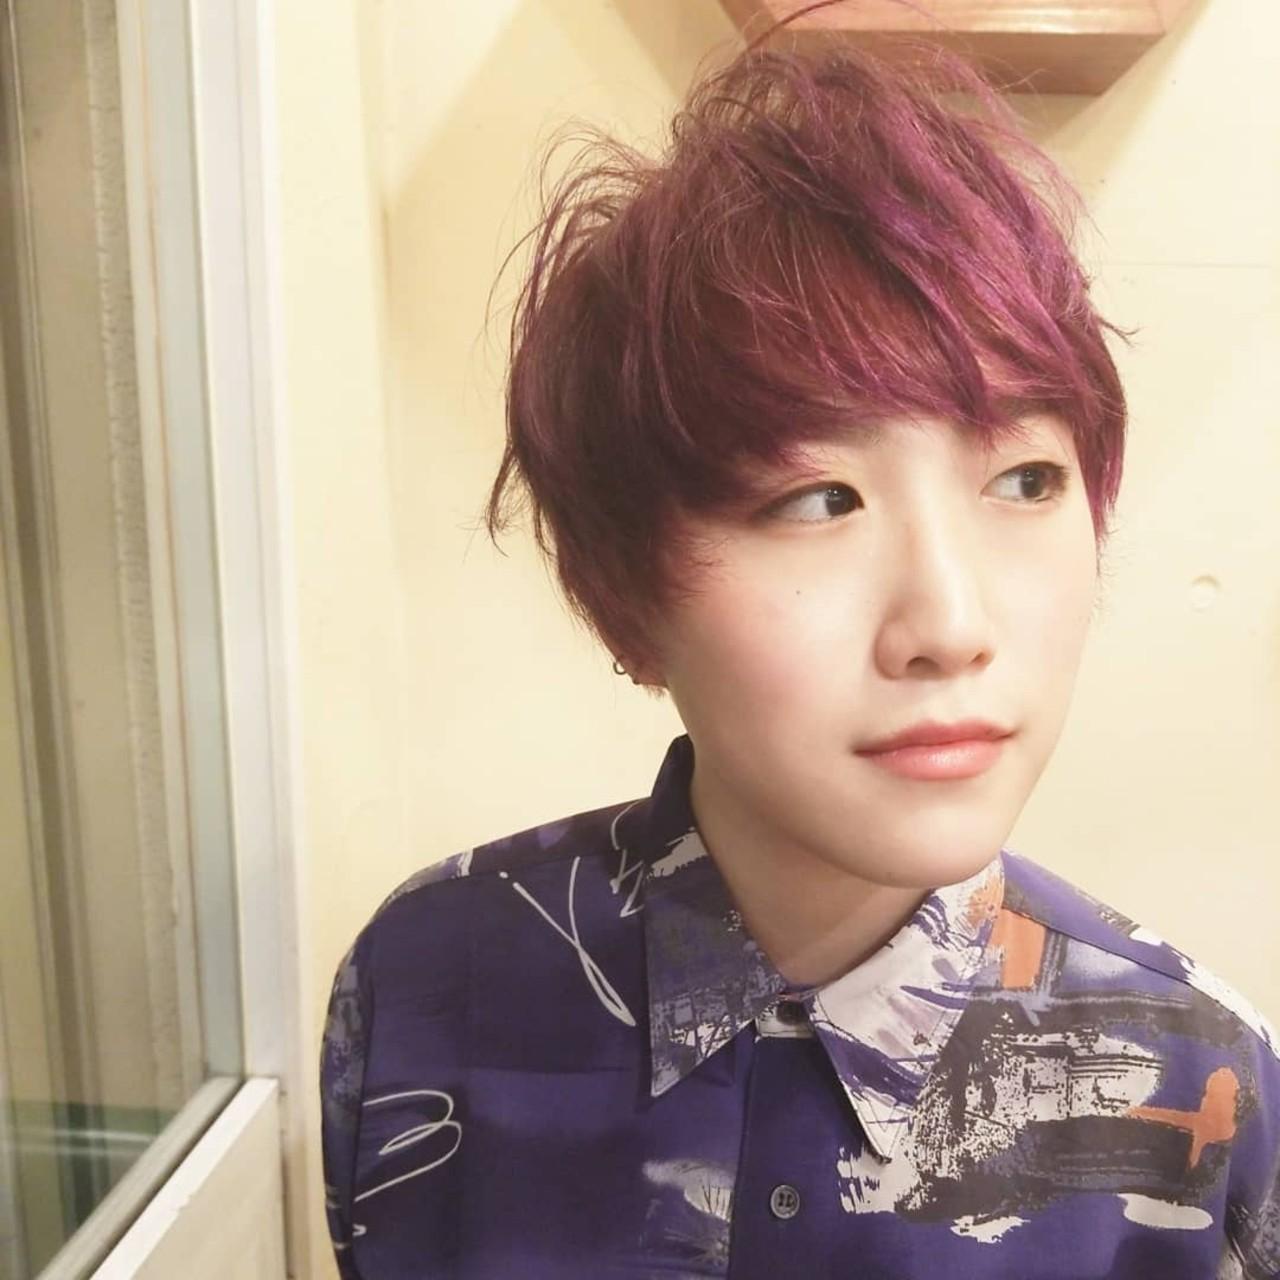 ツーブロック N.オイル ウェットヘア ダブルカラー ヘアスタイルや髪型の写真・画像 | 北村 雄吾 / piece